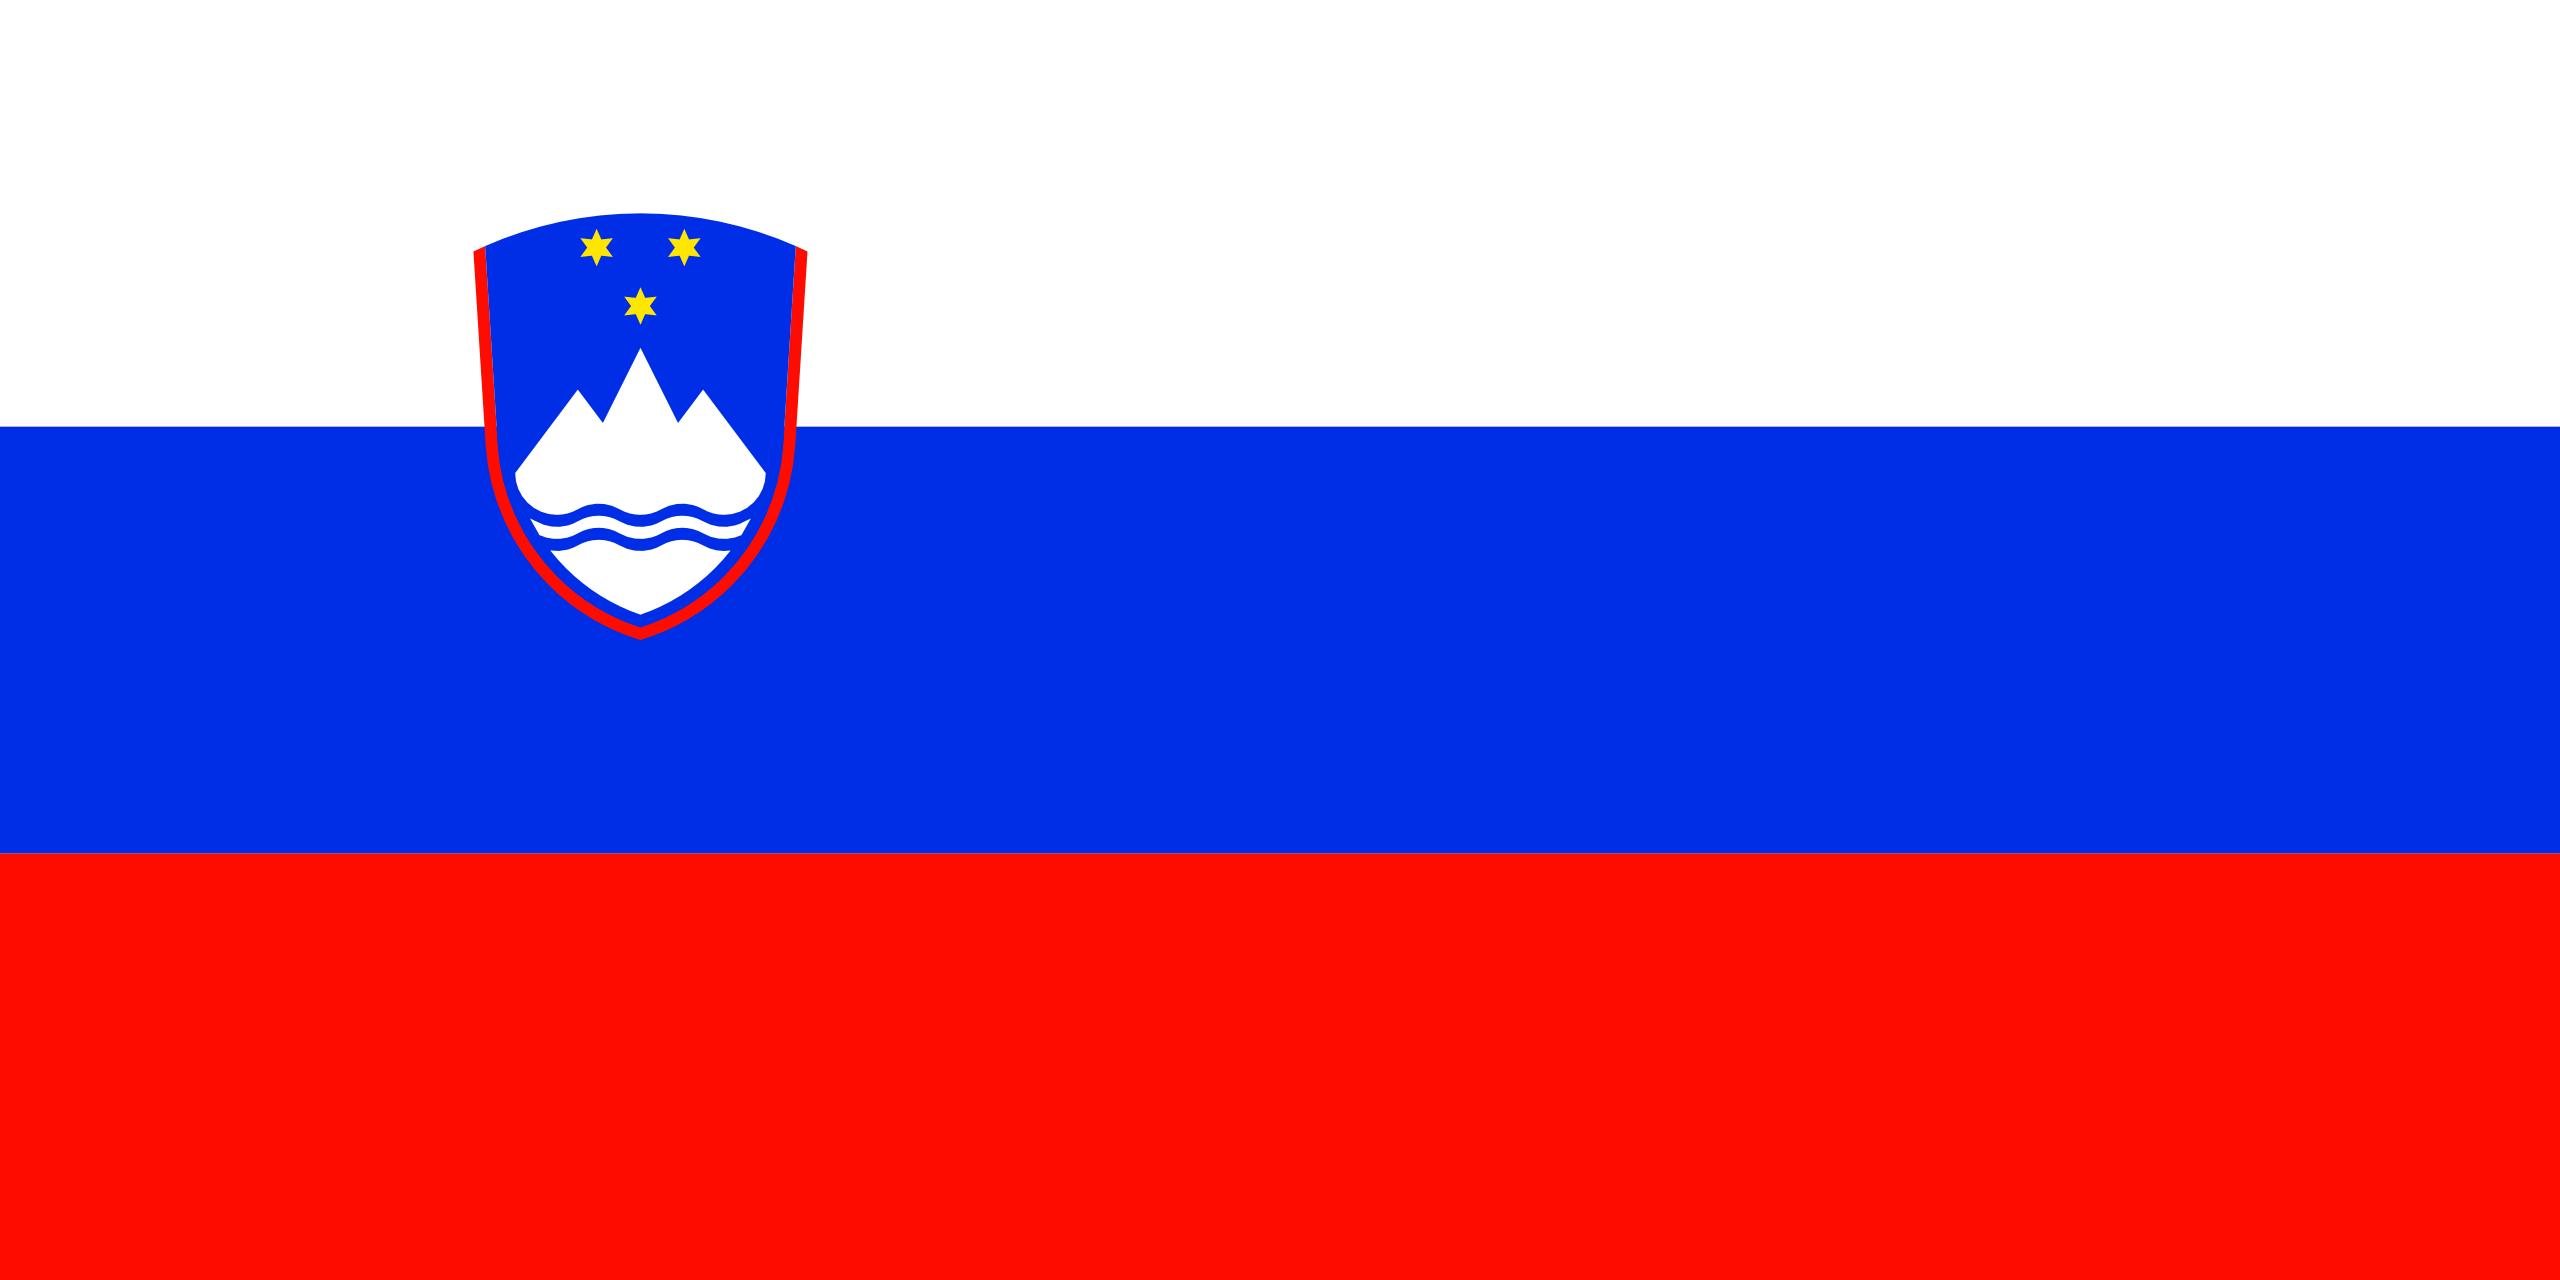 eslovenia, país, emblema, insignia, символ - Обои HD - Профессор falken.com